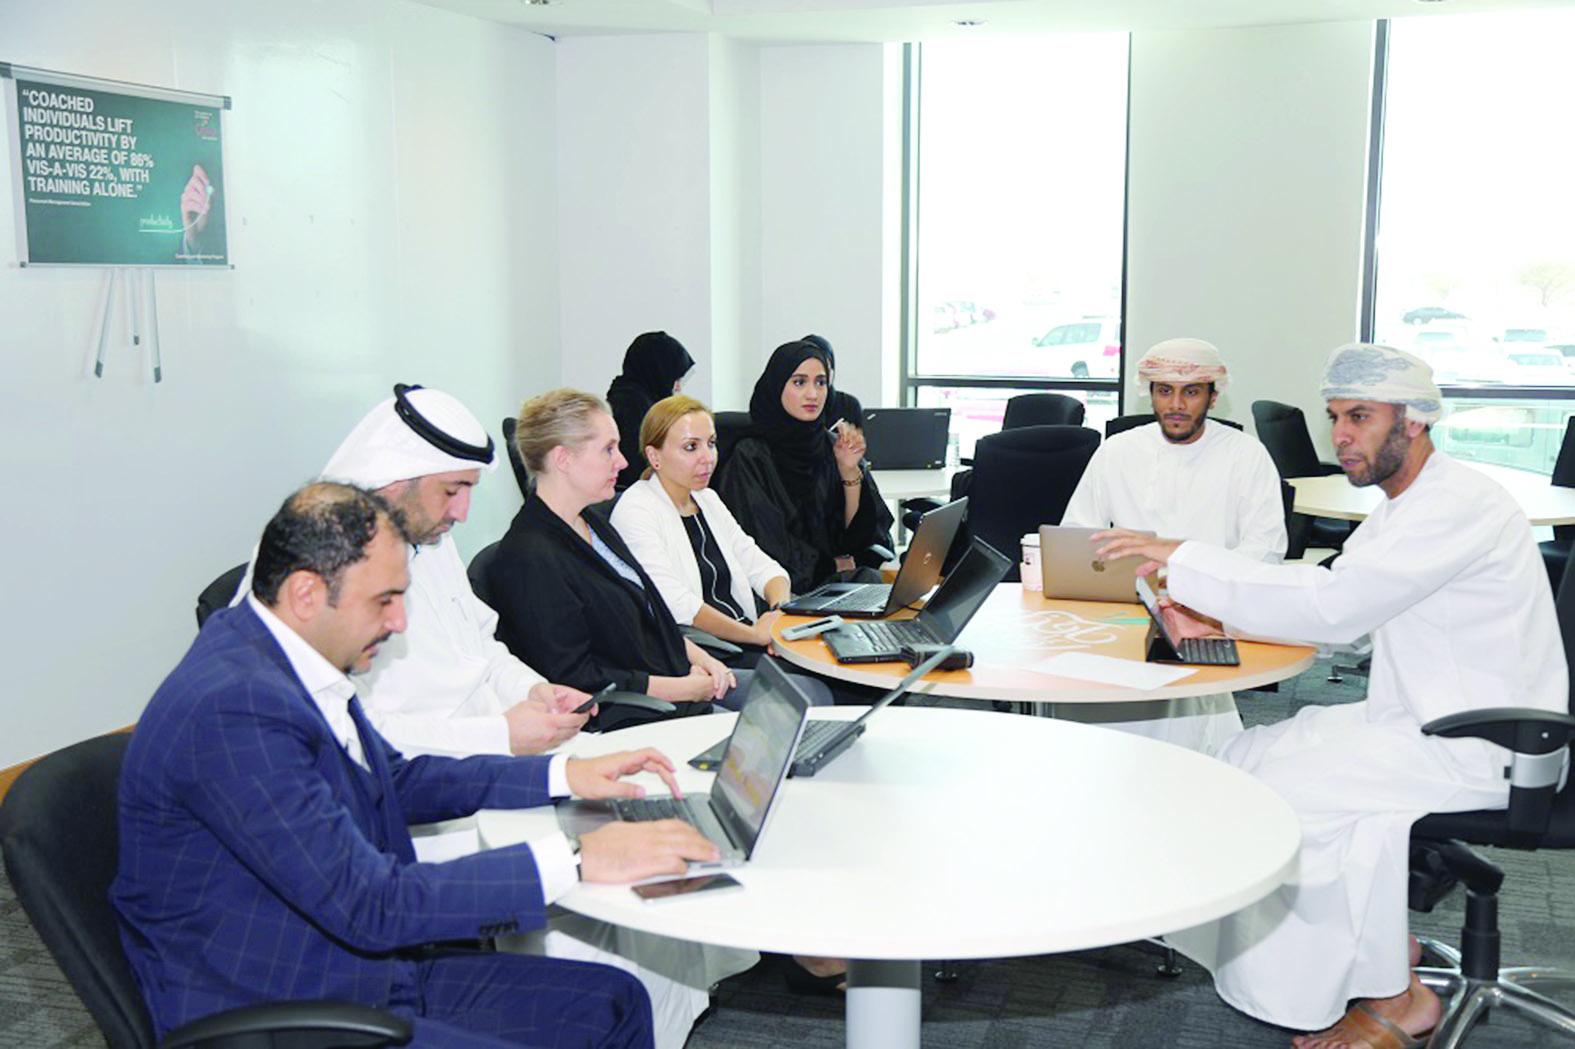 انطلاق المرحلة الثانية من برنامج تحويلمشاريع التخرج إلى شركات ناشئة